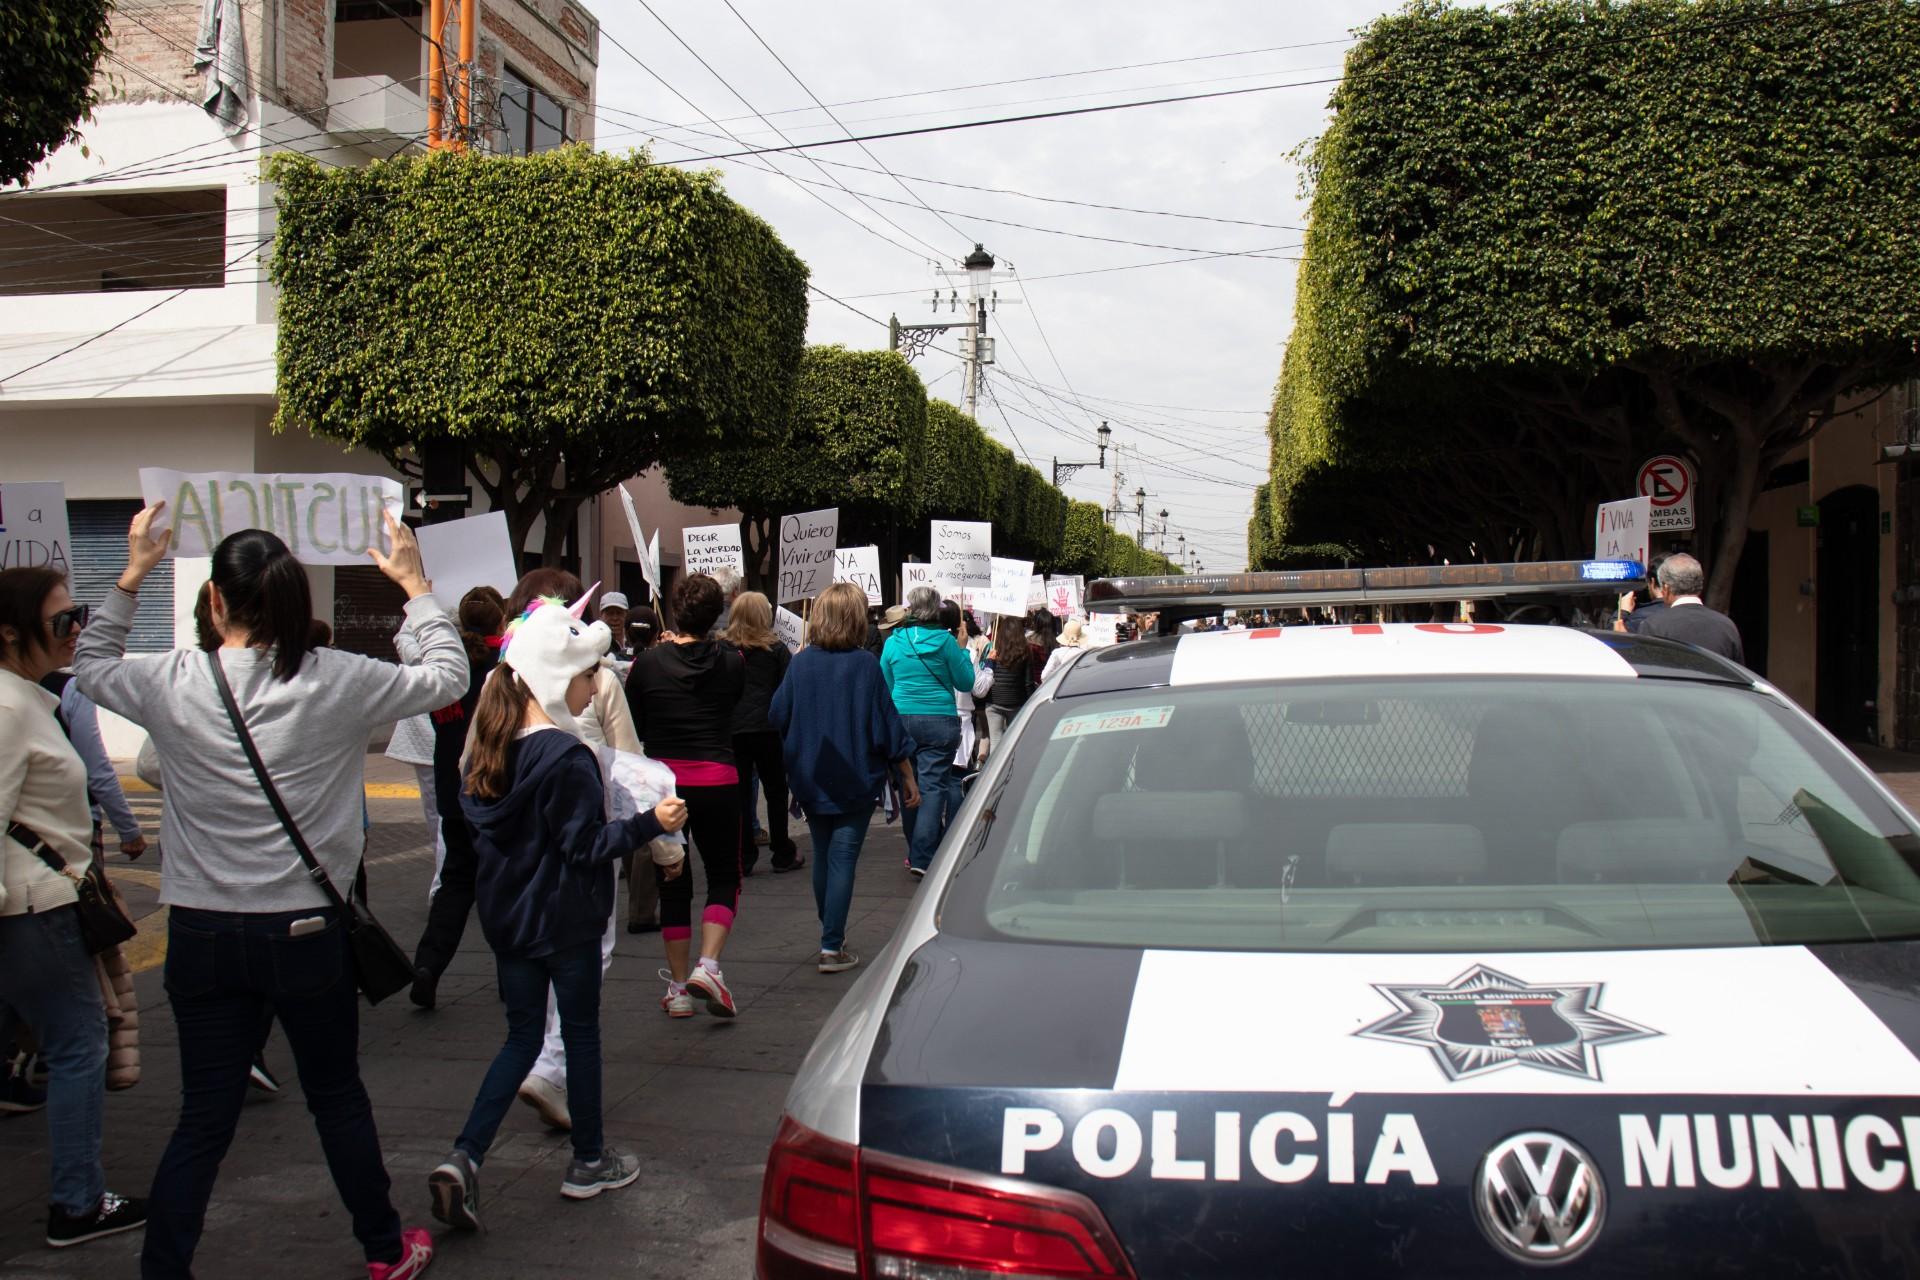 W Meksyku jest bardzo niebezpiecznie, często ktoś przepada bez śladu, dochodzi do zamieszek (fot: Shutterstock.com)